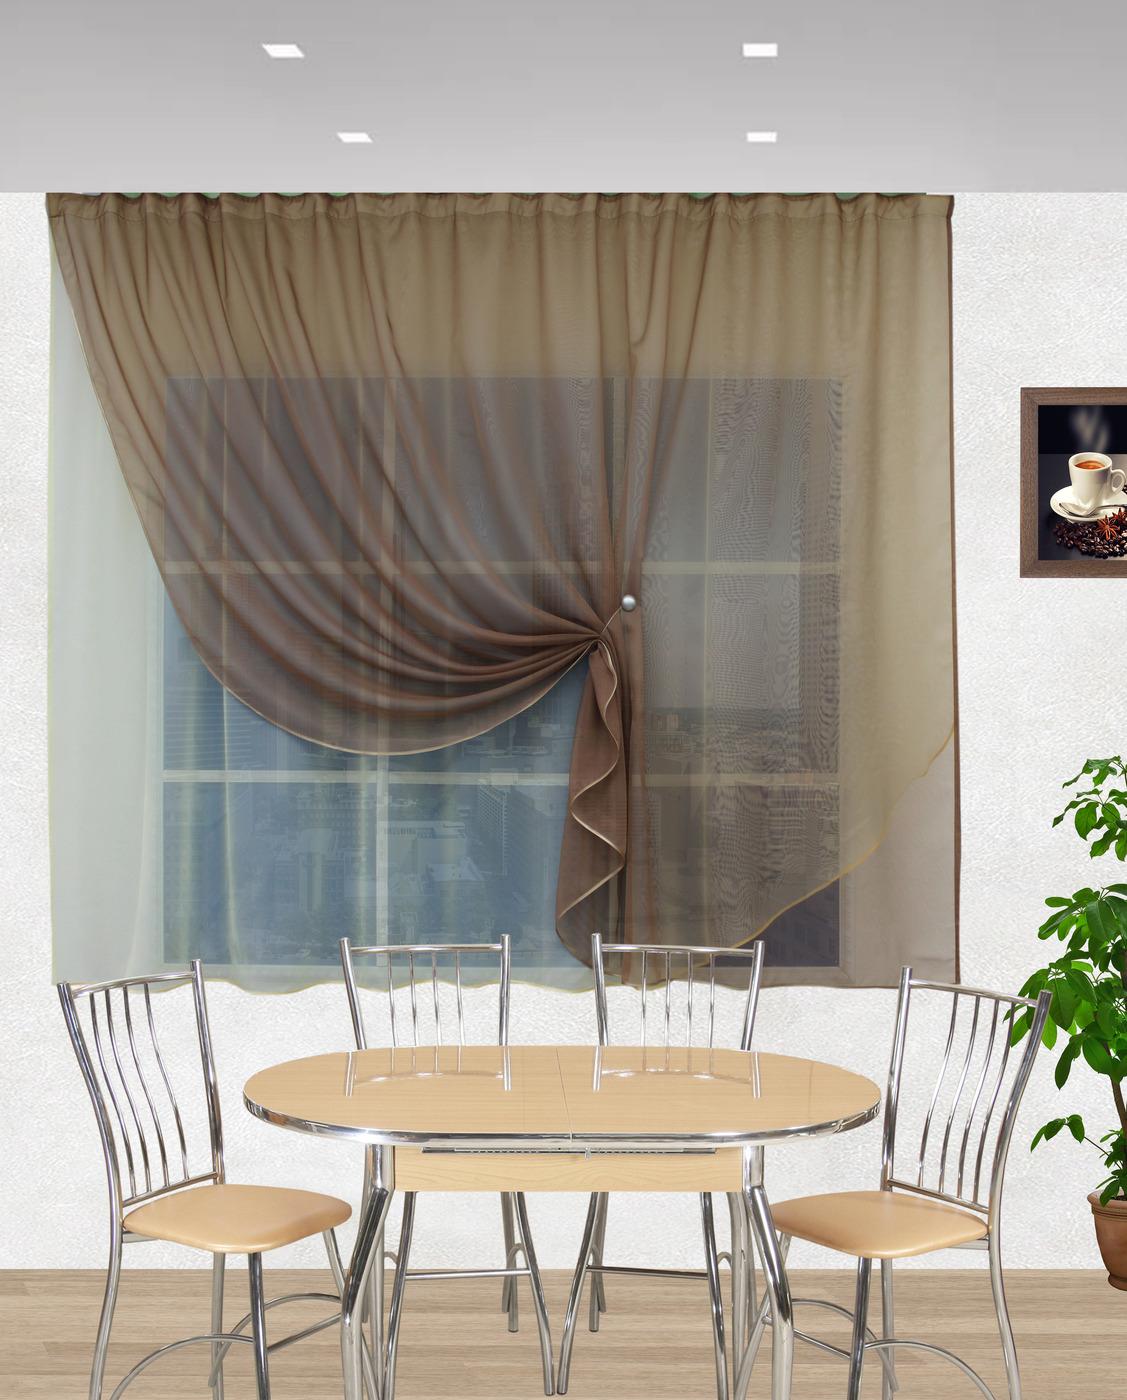 шторы на окно в кухне модерн фото той